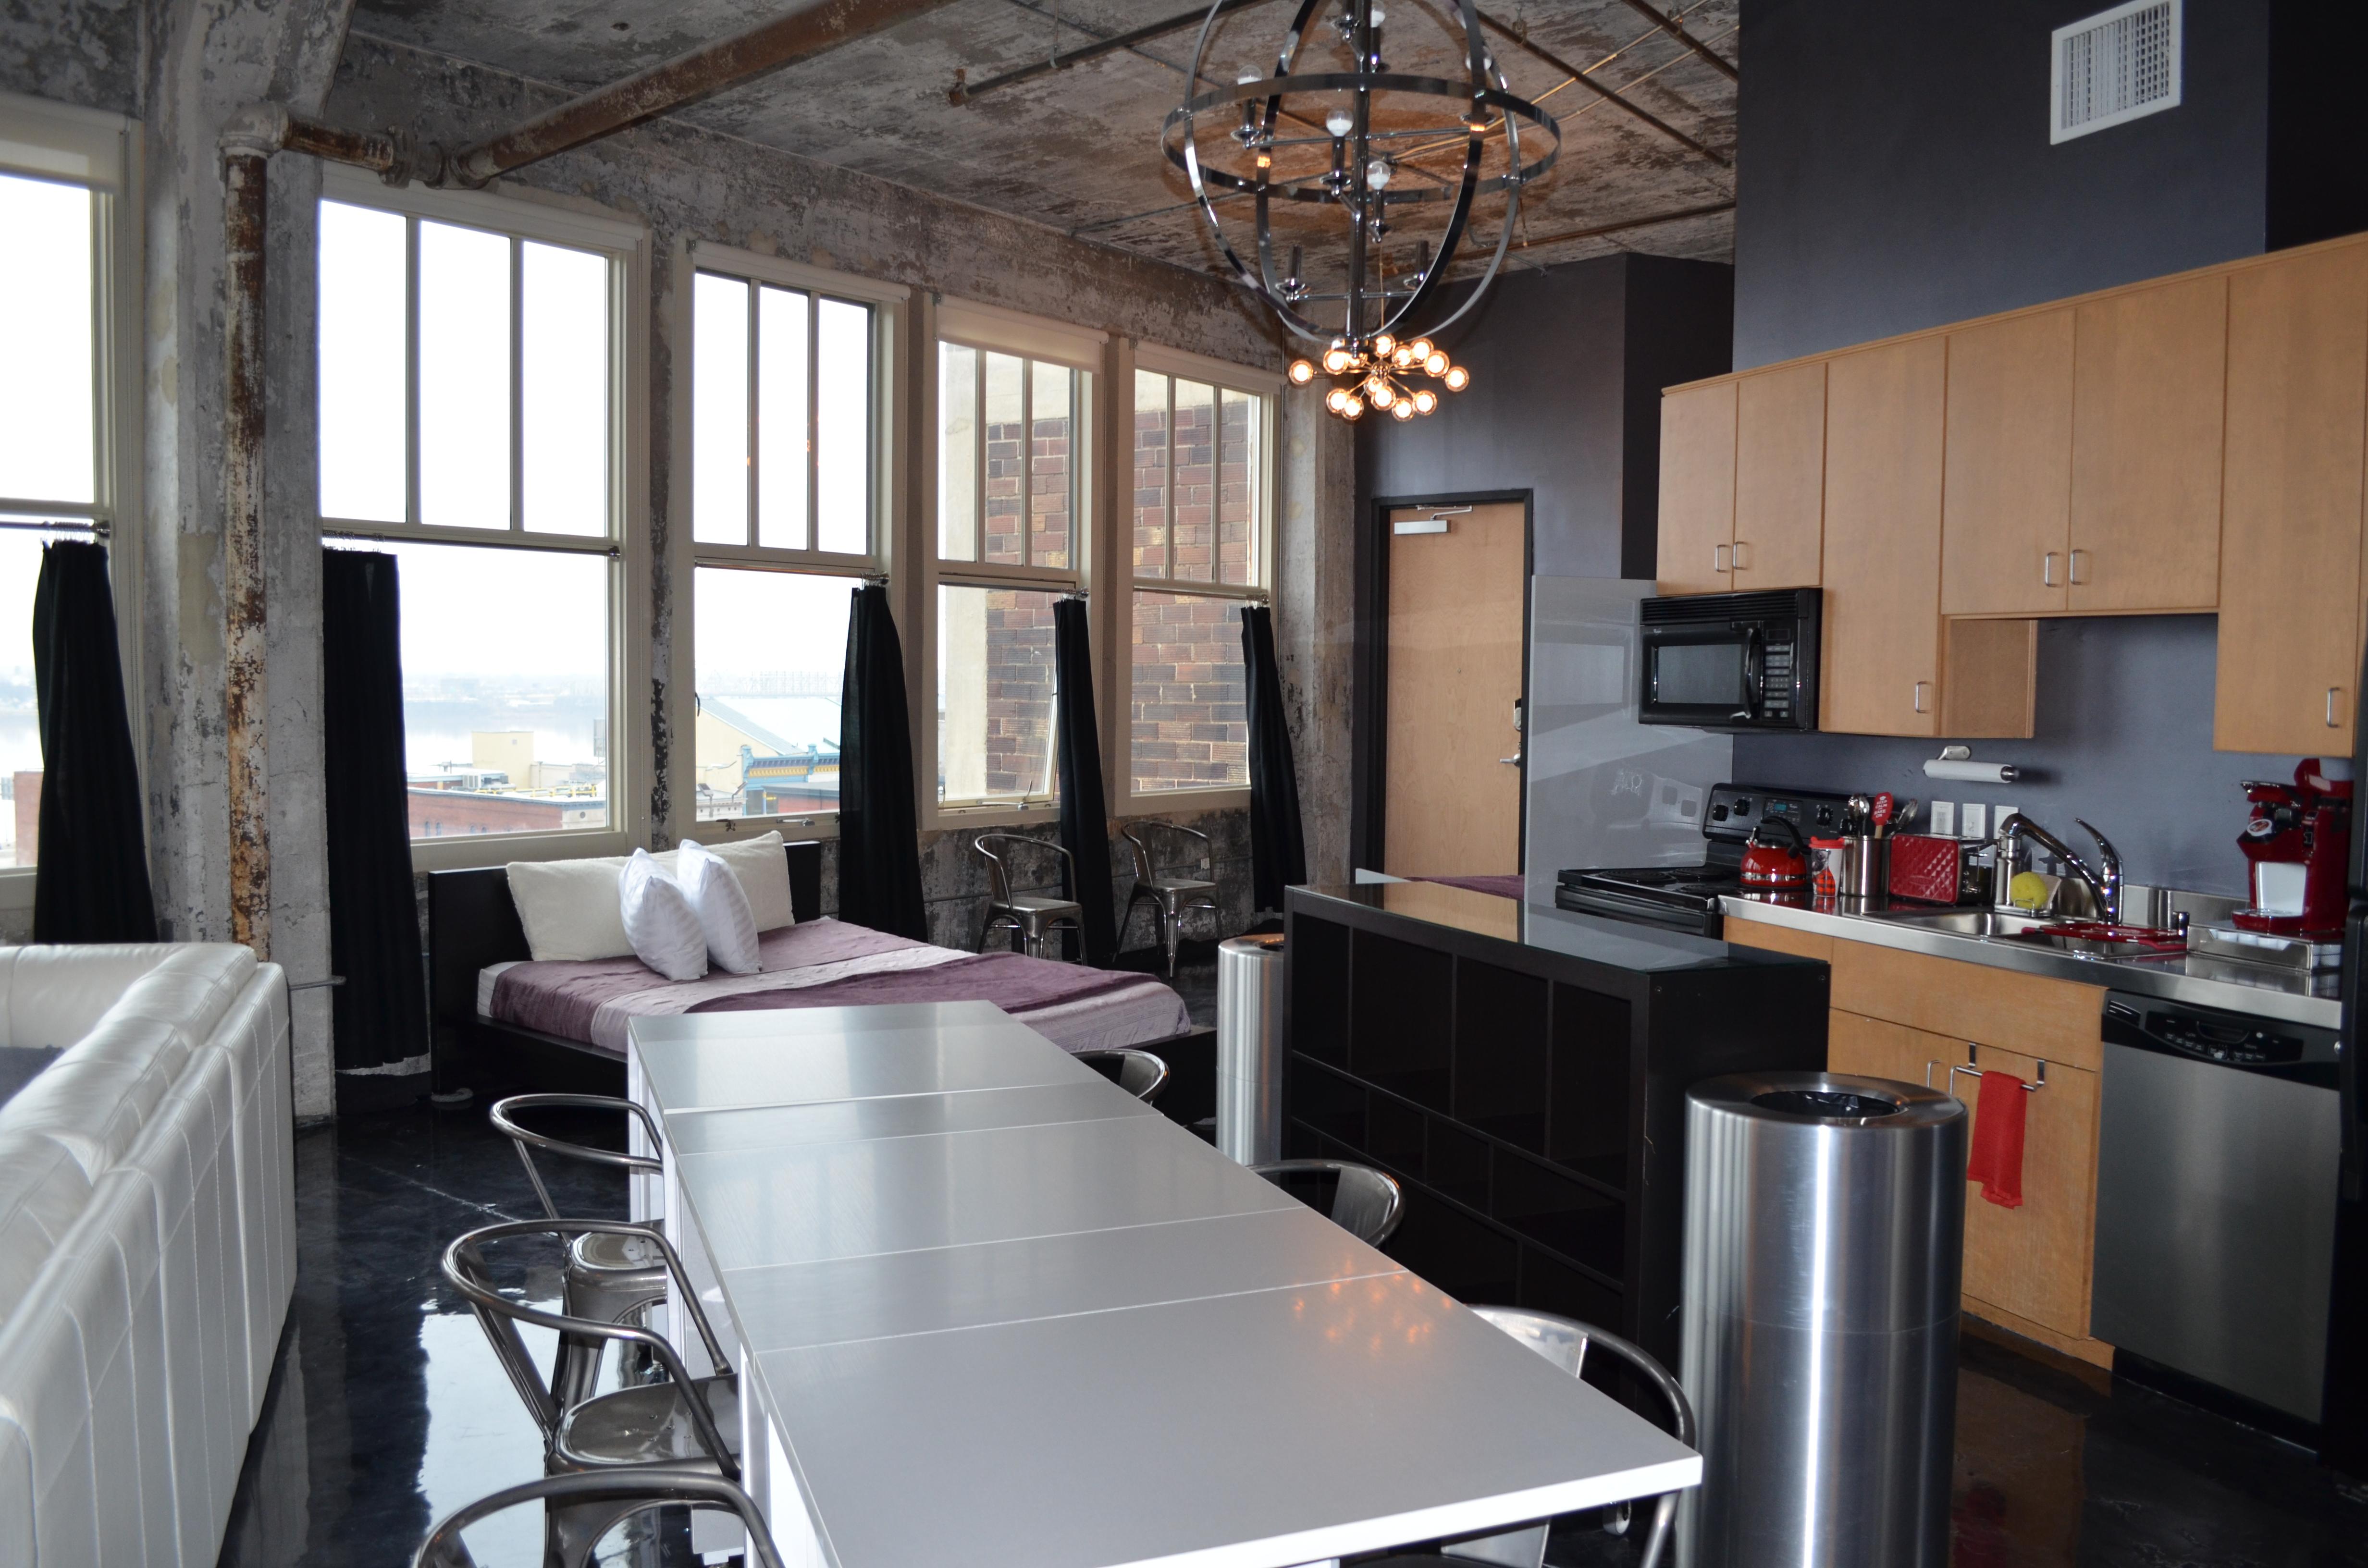 804 Kitchen